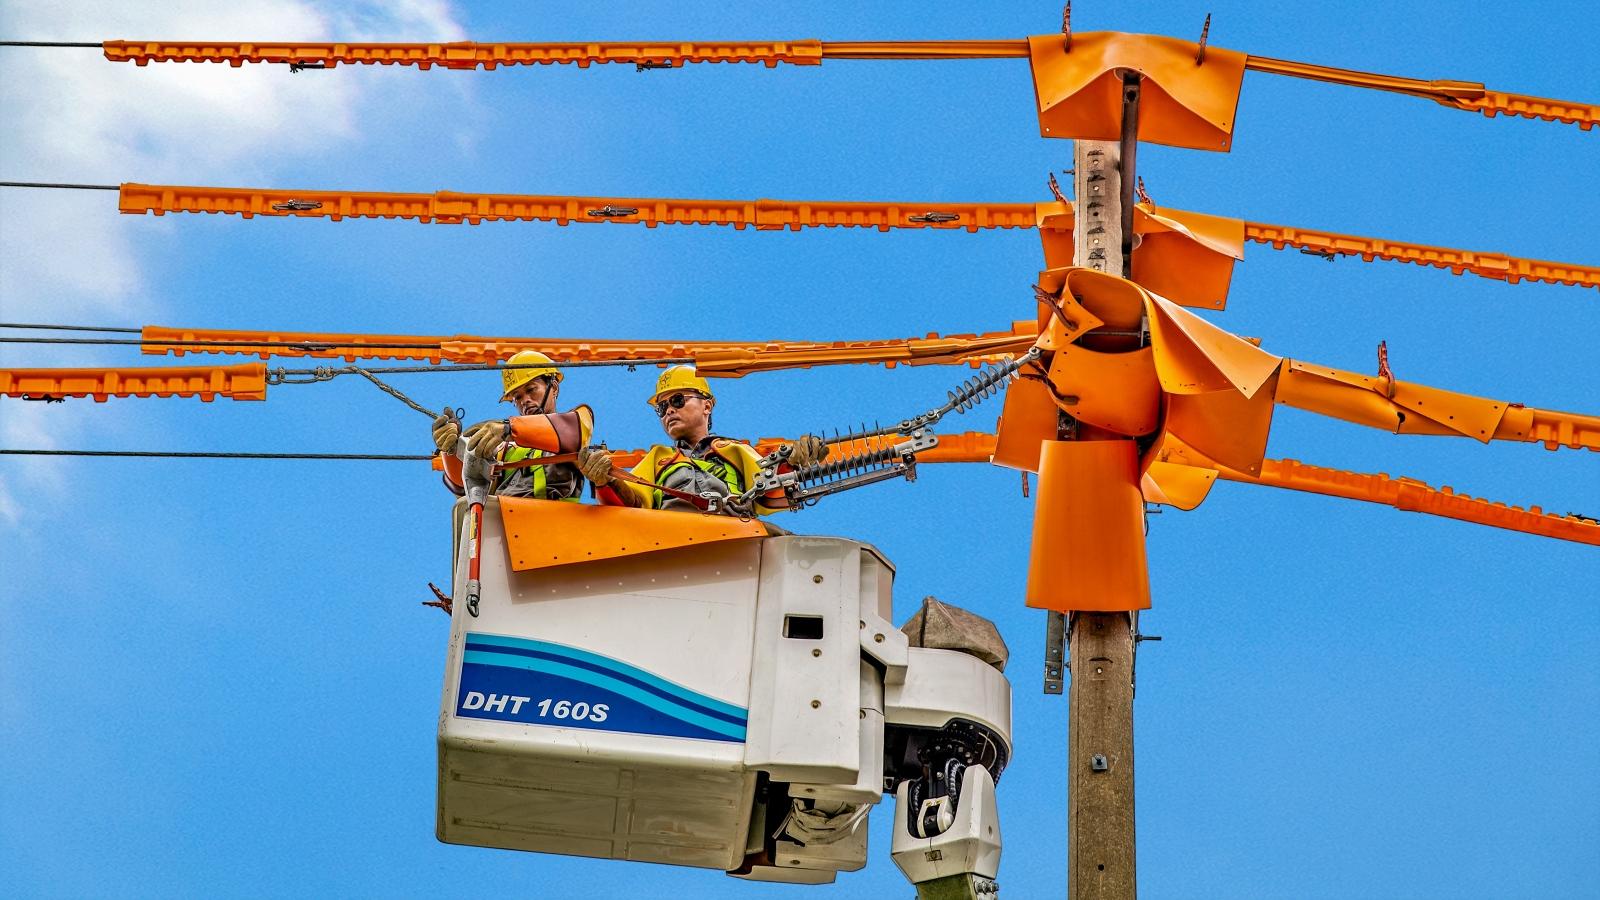 EVNSPC tích cực chuyển đổi số để phục vụ khách hàng sử dụng điện